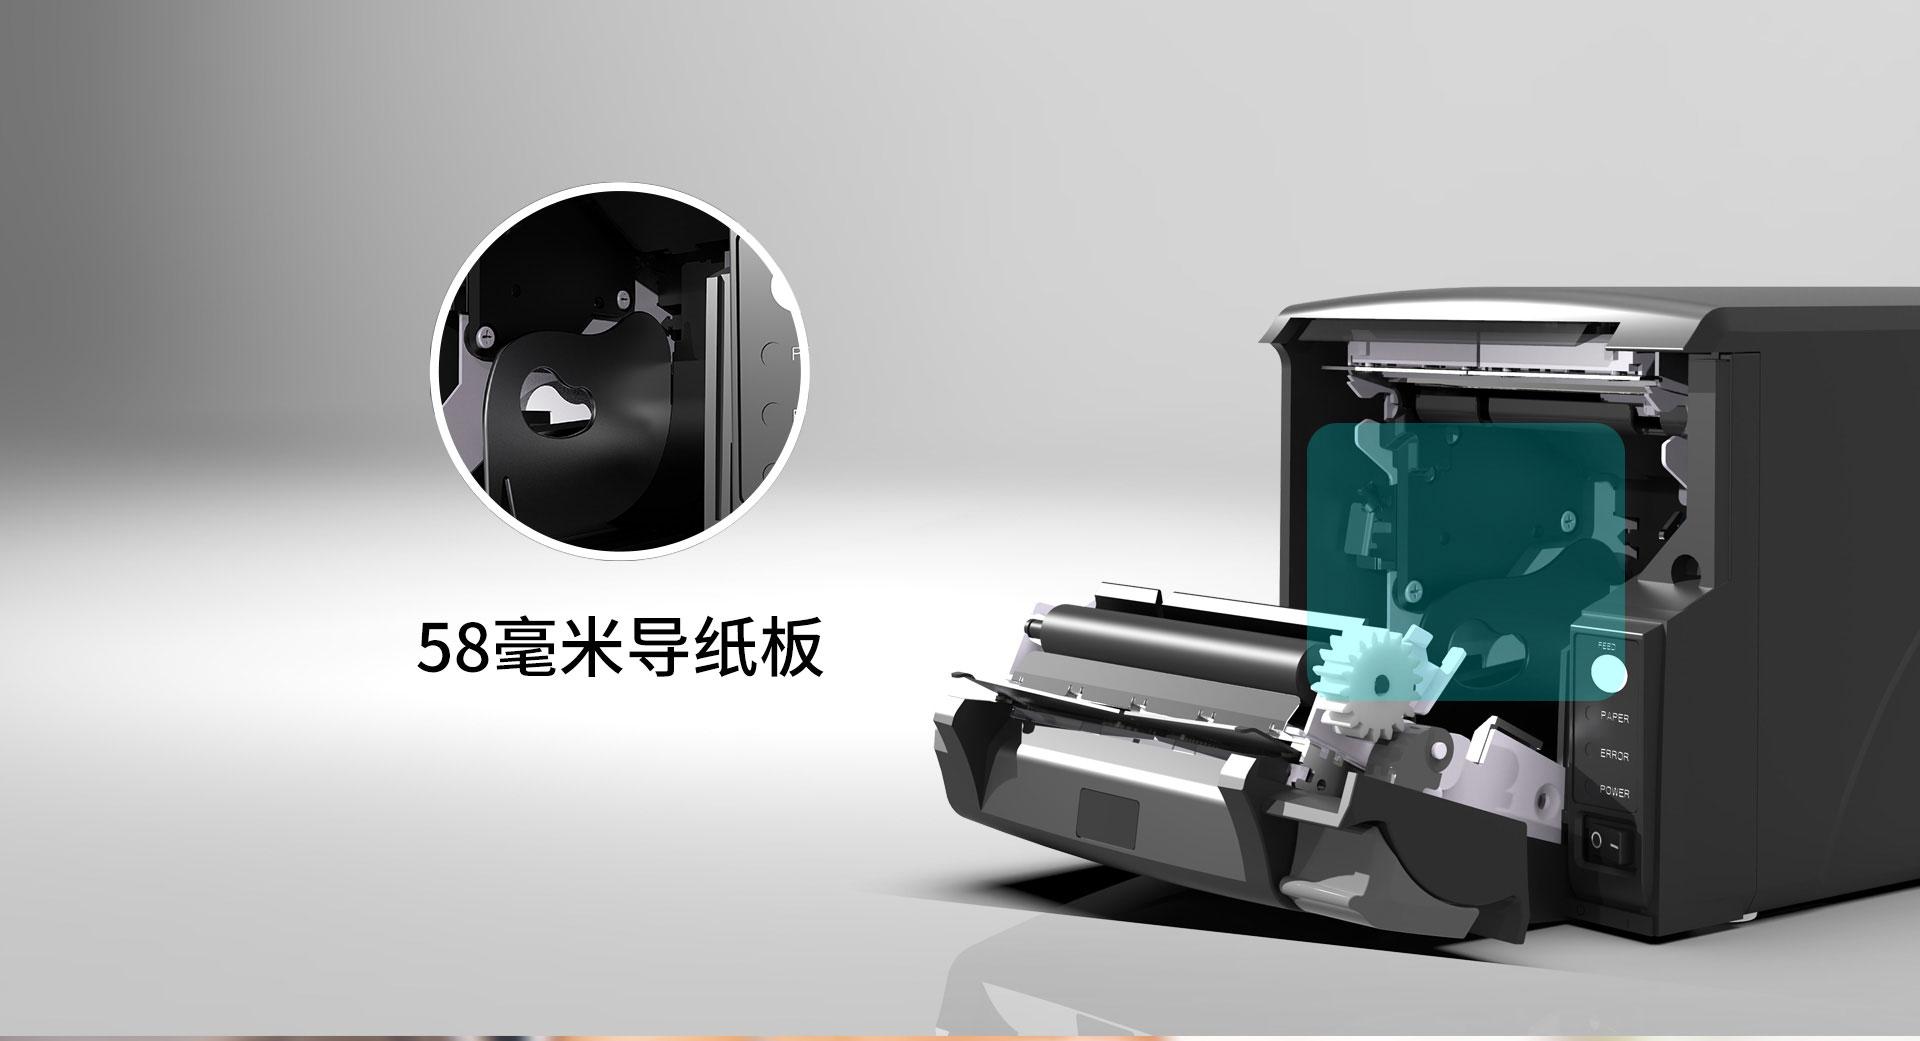 TP801热敏票据打印机  第10张